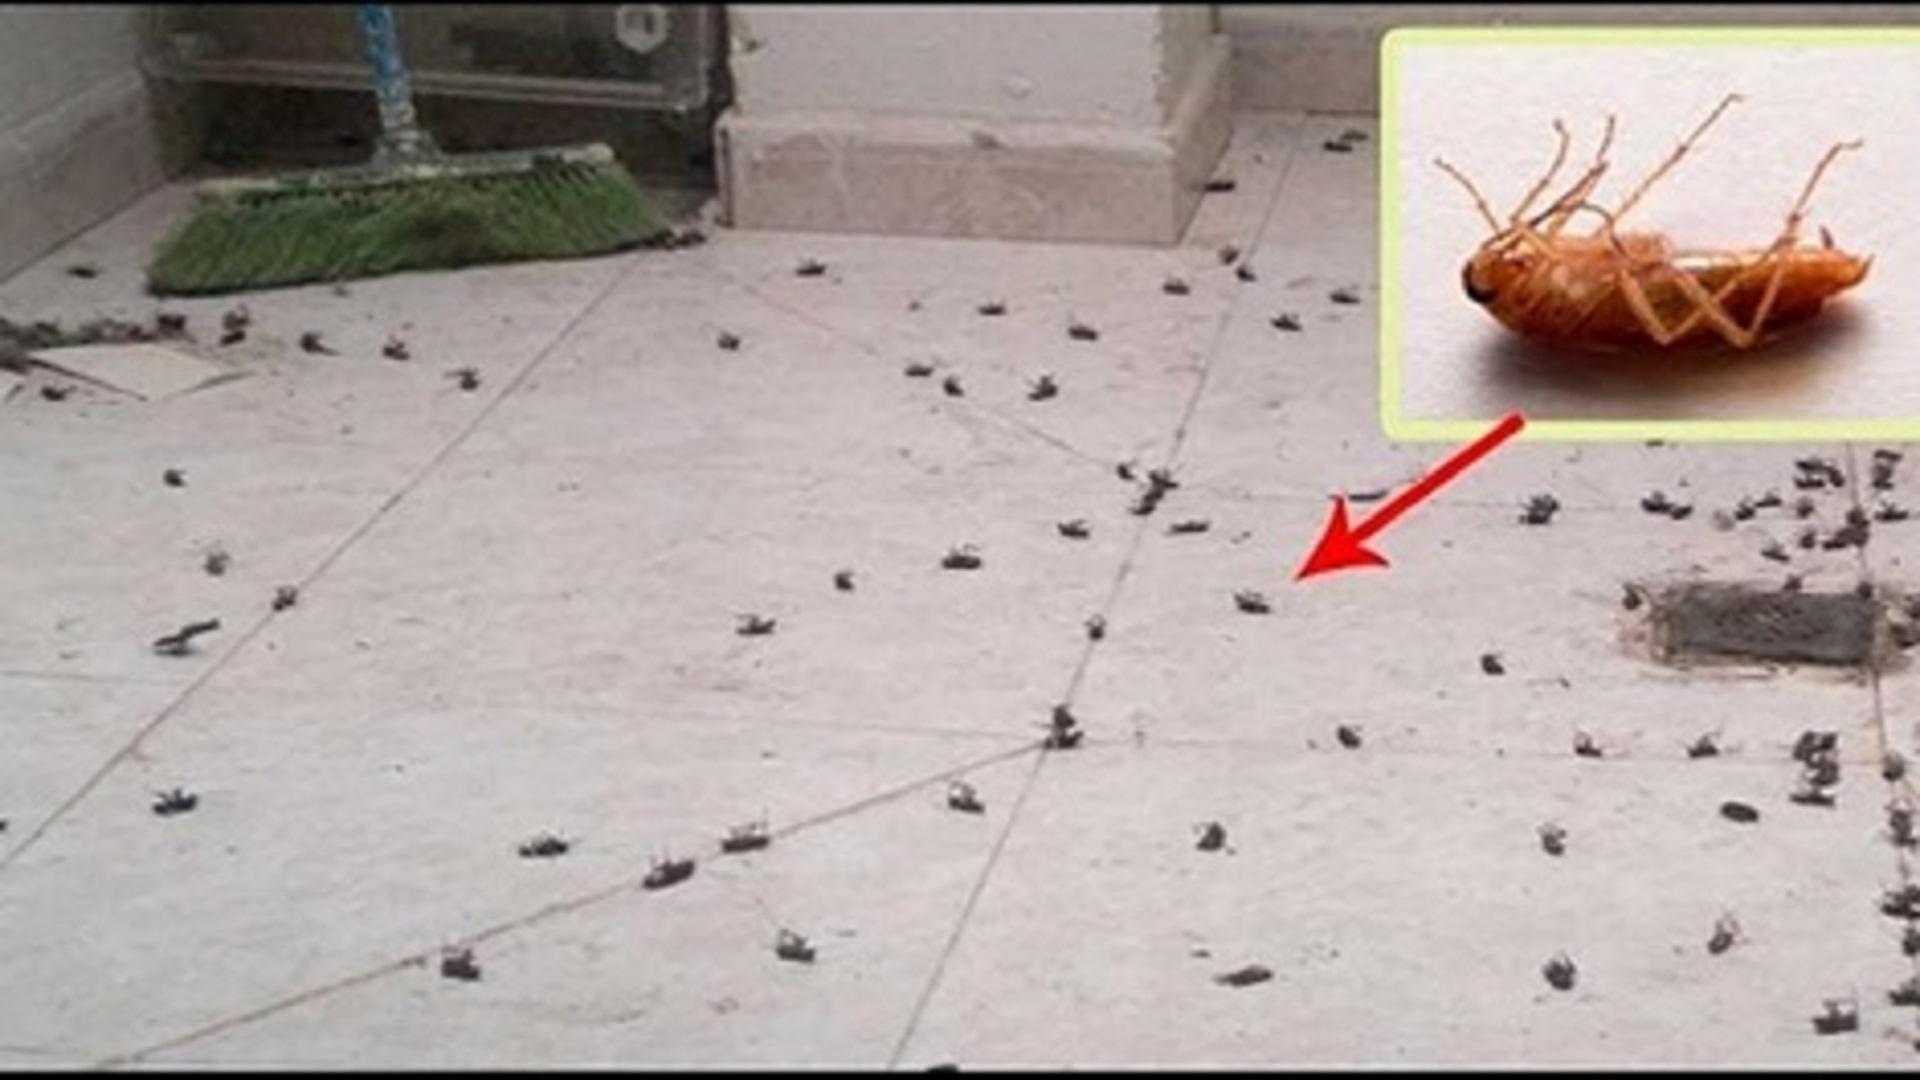 Blatte De Cuisine Photo comment se débarrasser des blattes? questionmaison